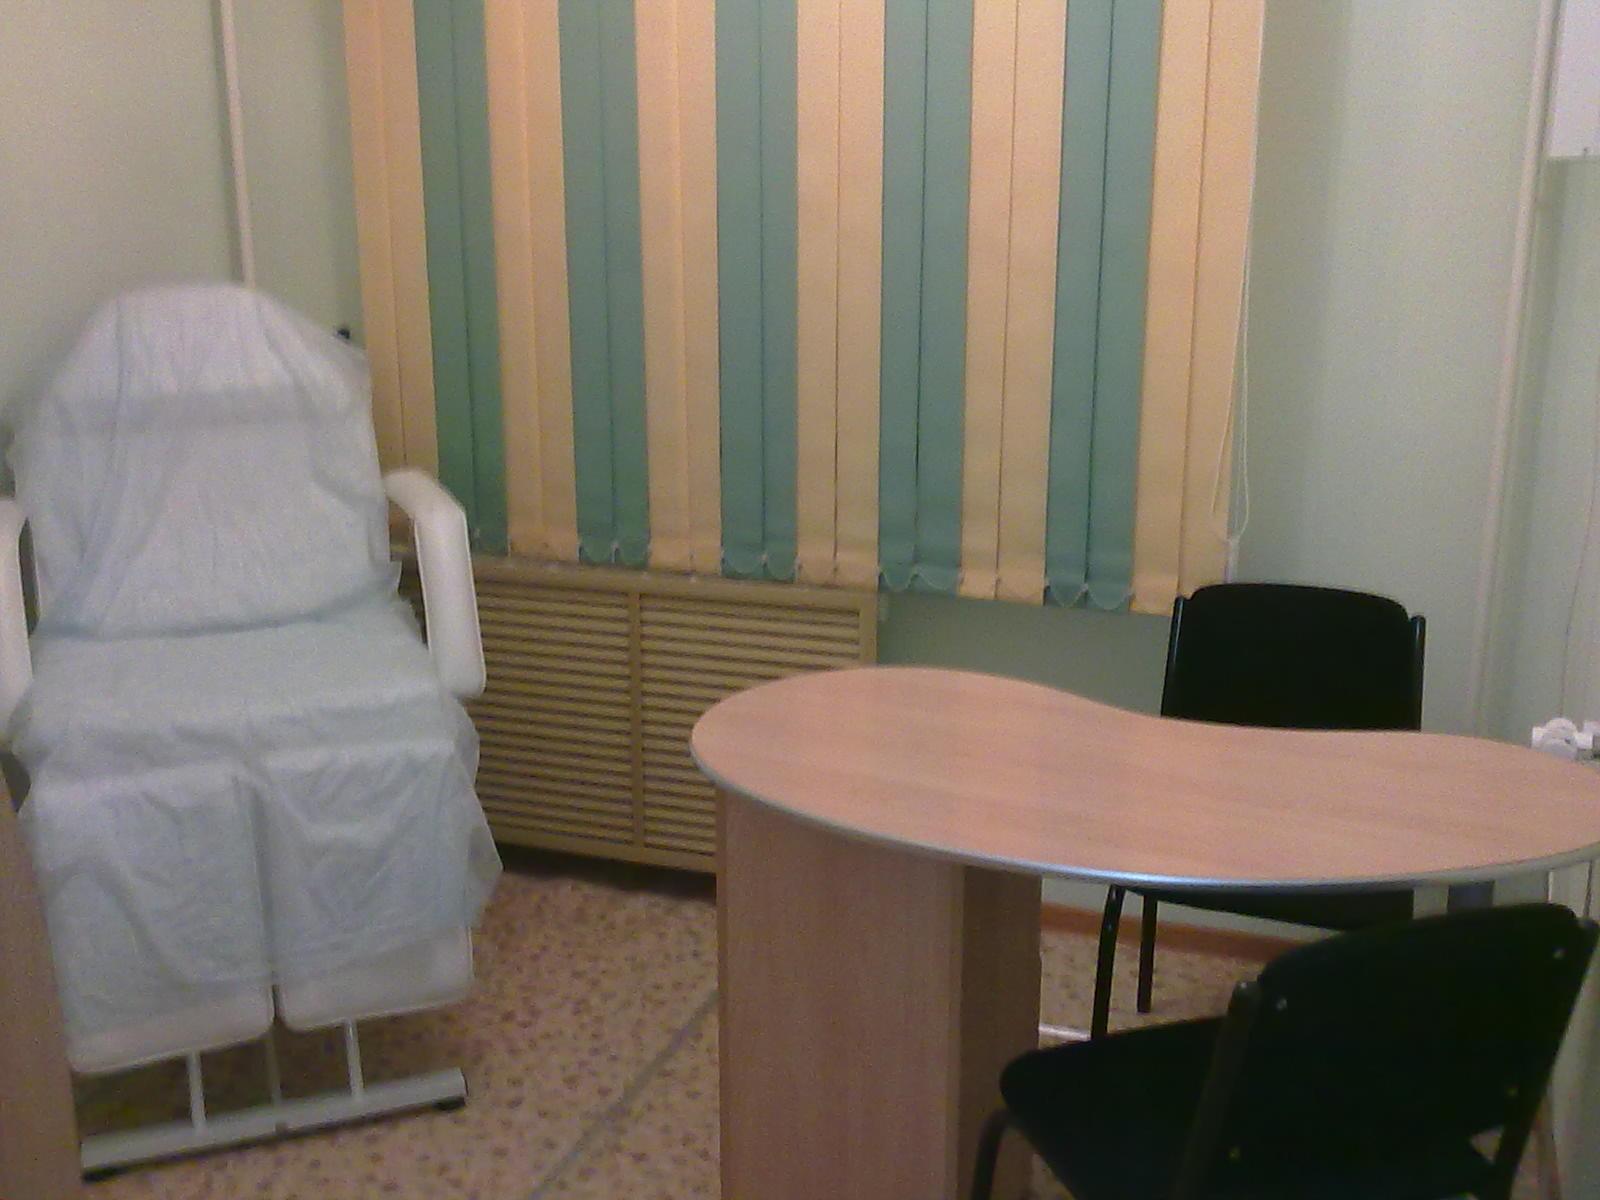 Сниму помещение под маникюрный кабинет